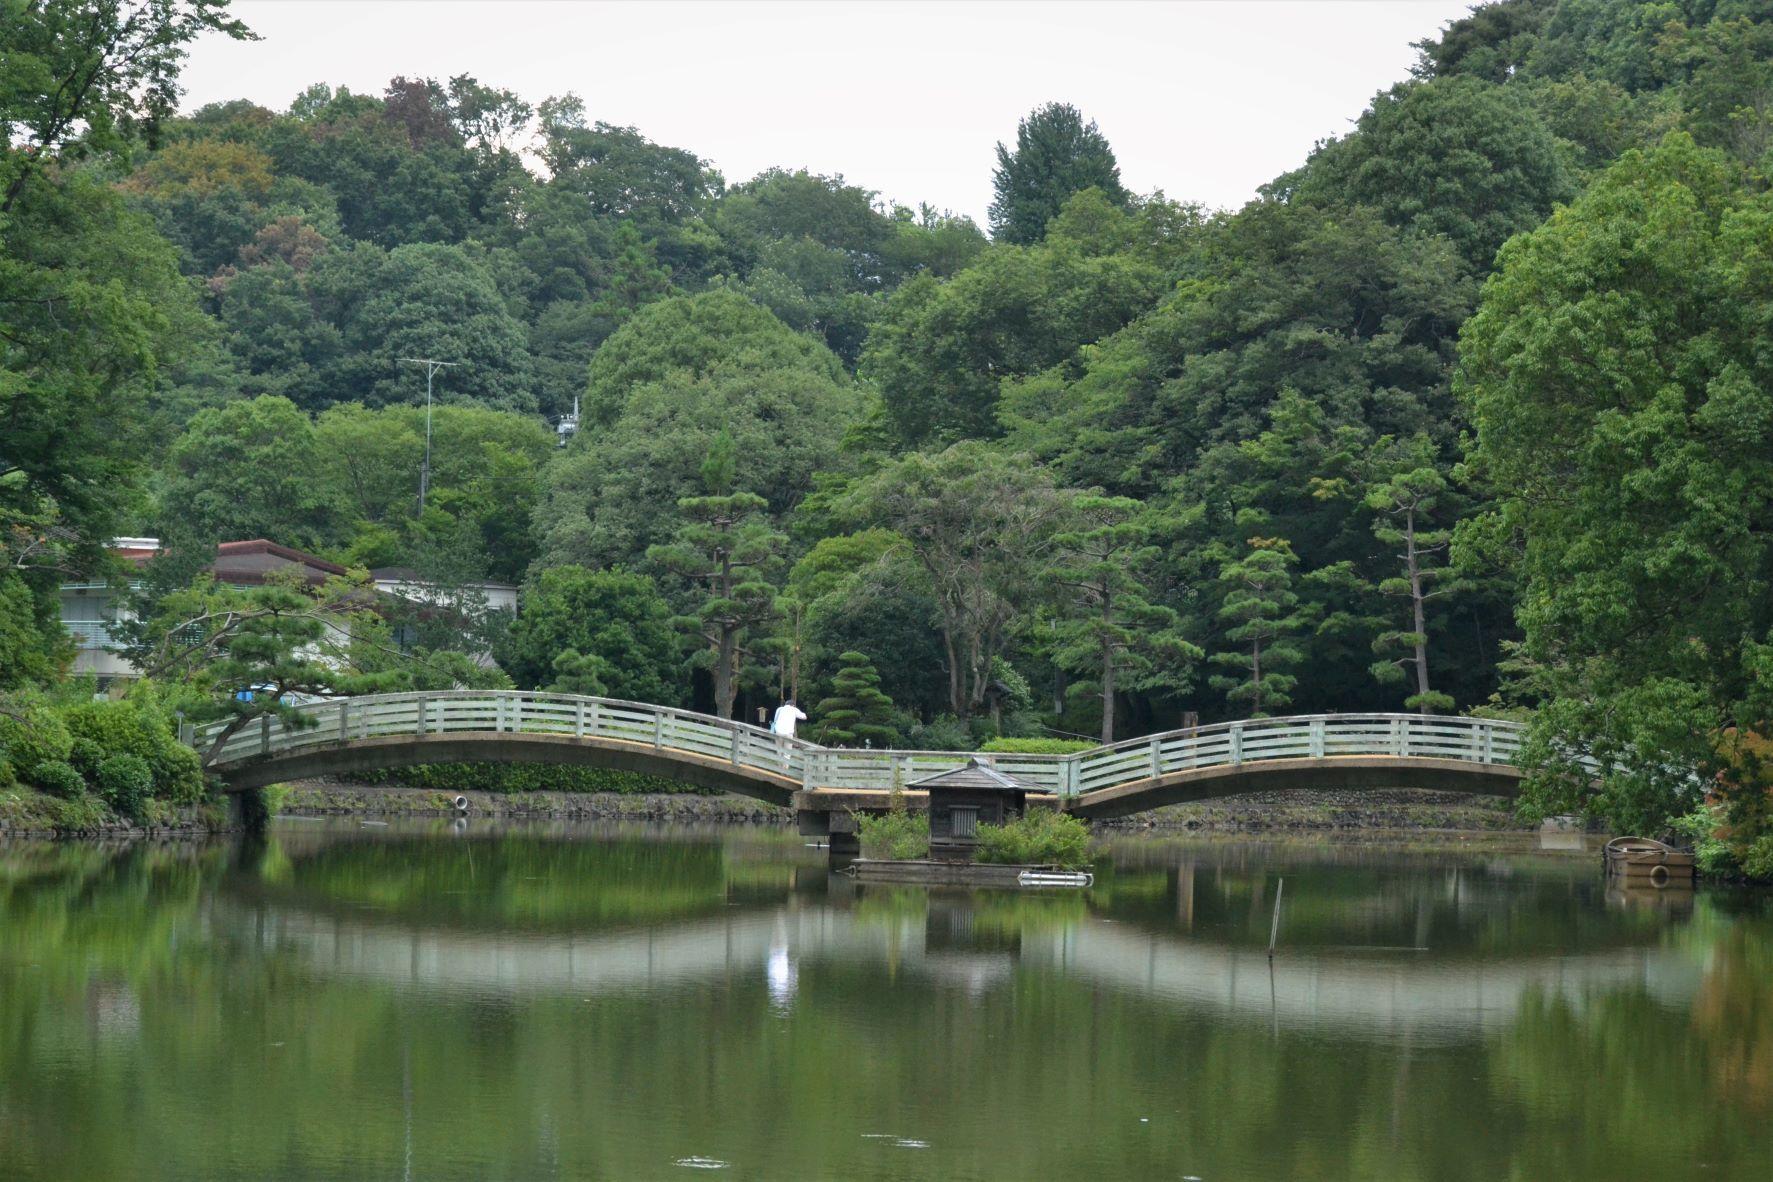 梅雨明けと同時に薬師池公園に・・・_a0053796_11331126.jpg